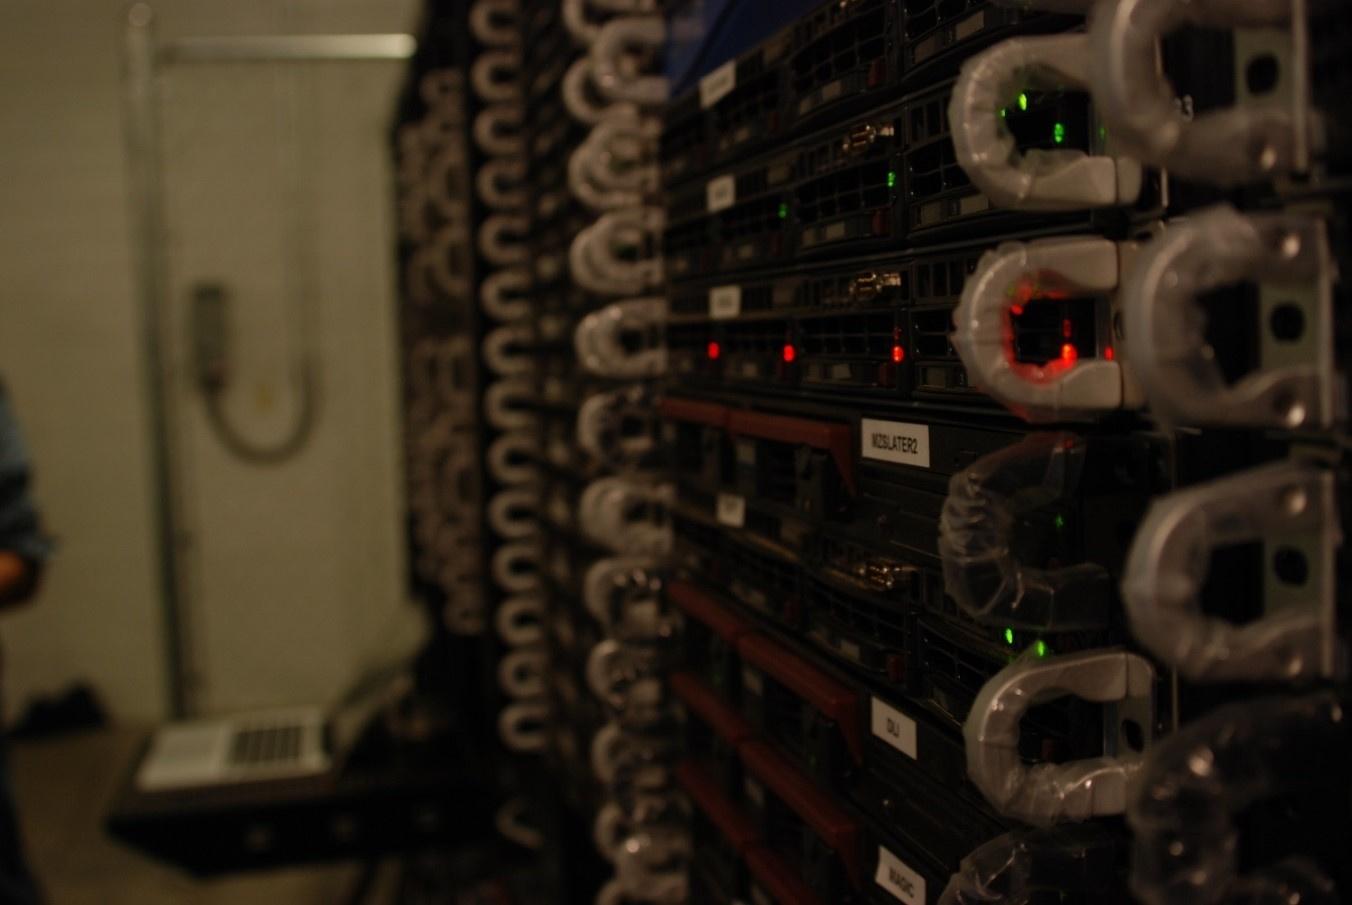 [recovery mode] Fujitsu разработали технологию управления виртуальными машинами, повышающую эффективность использования серверов